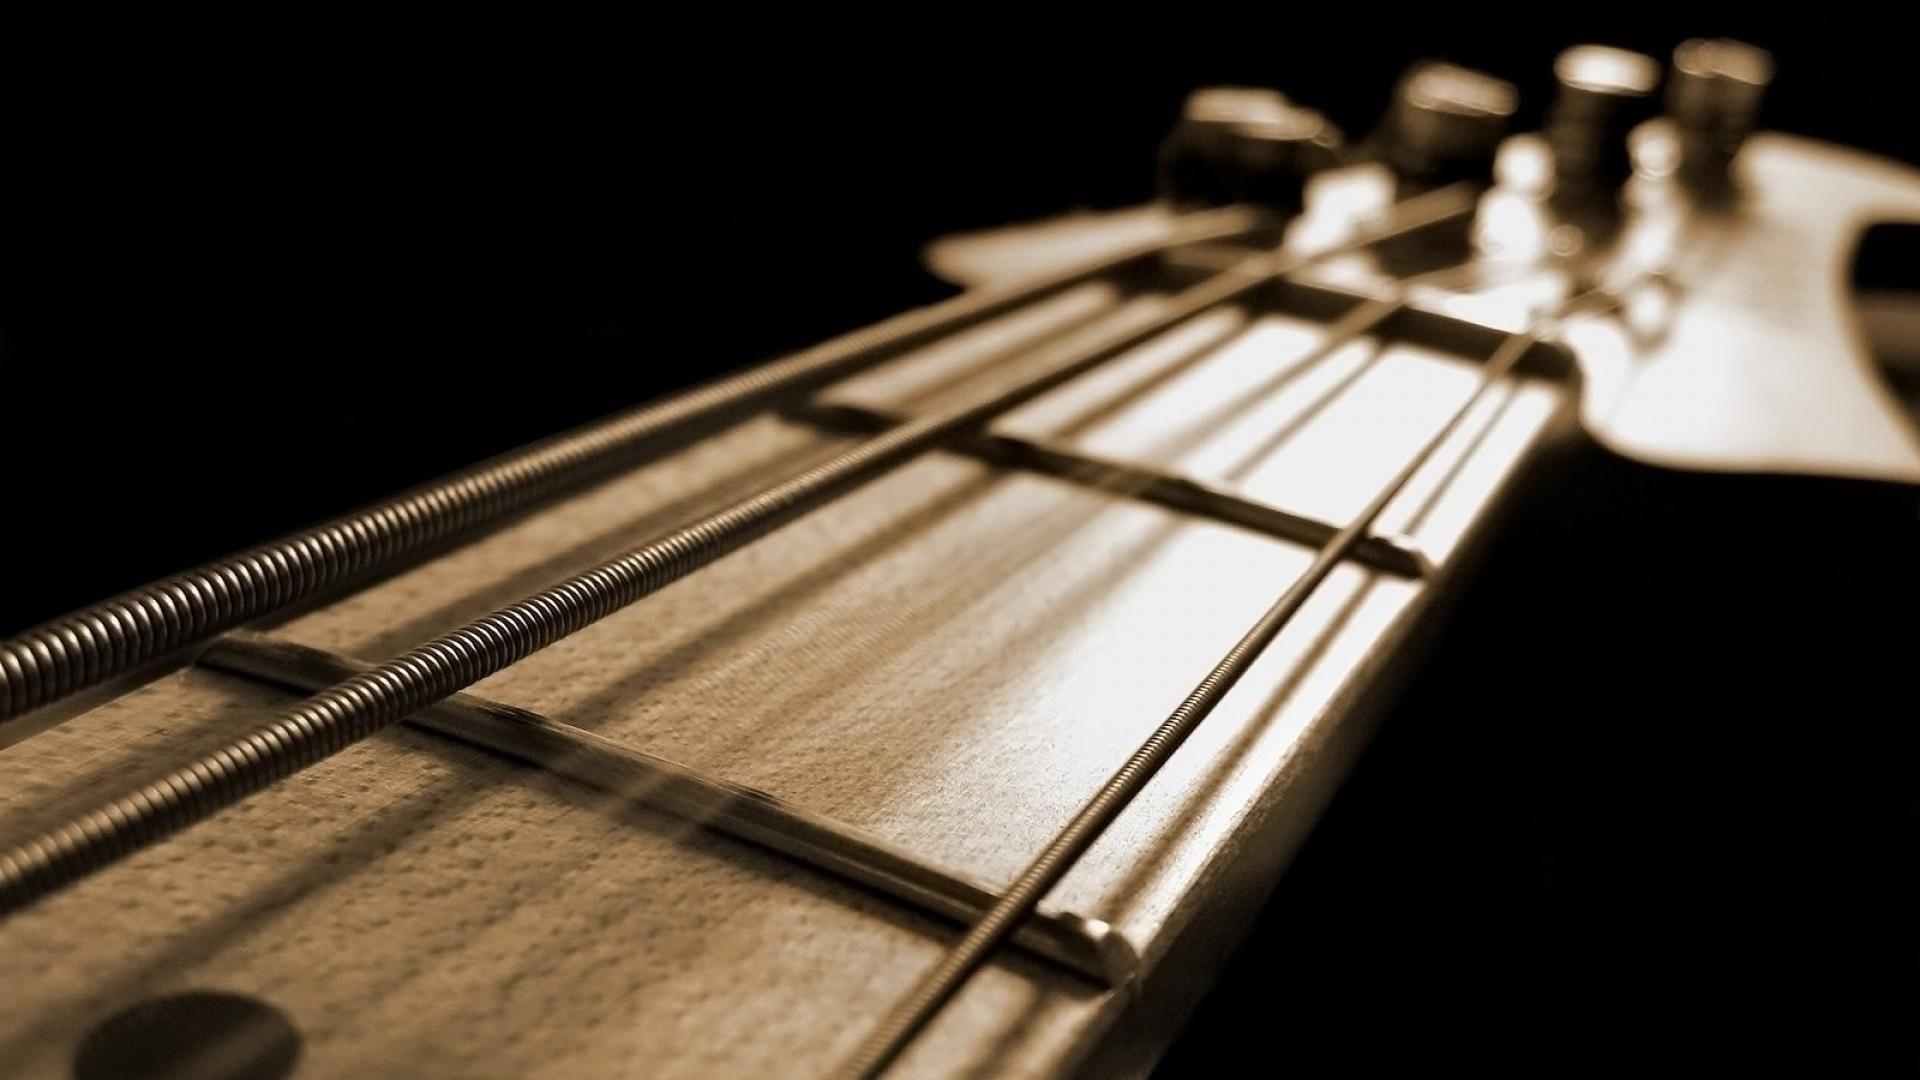 Electric Guitar strings, Free Wallpaper